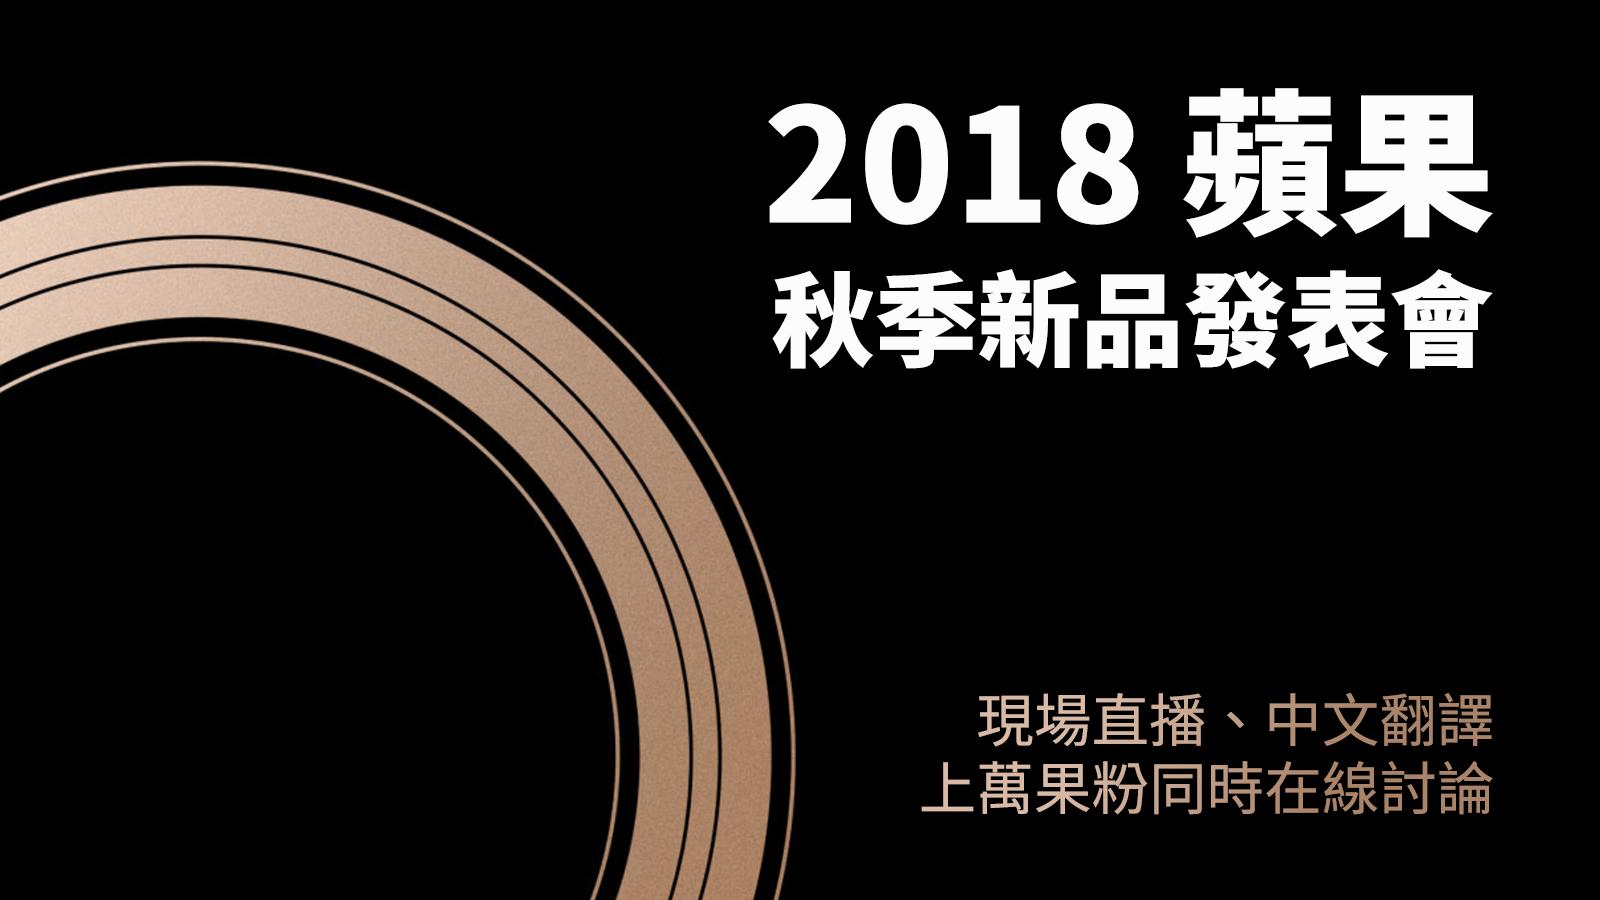 2018 蘋果 LIVE 發表會轉播